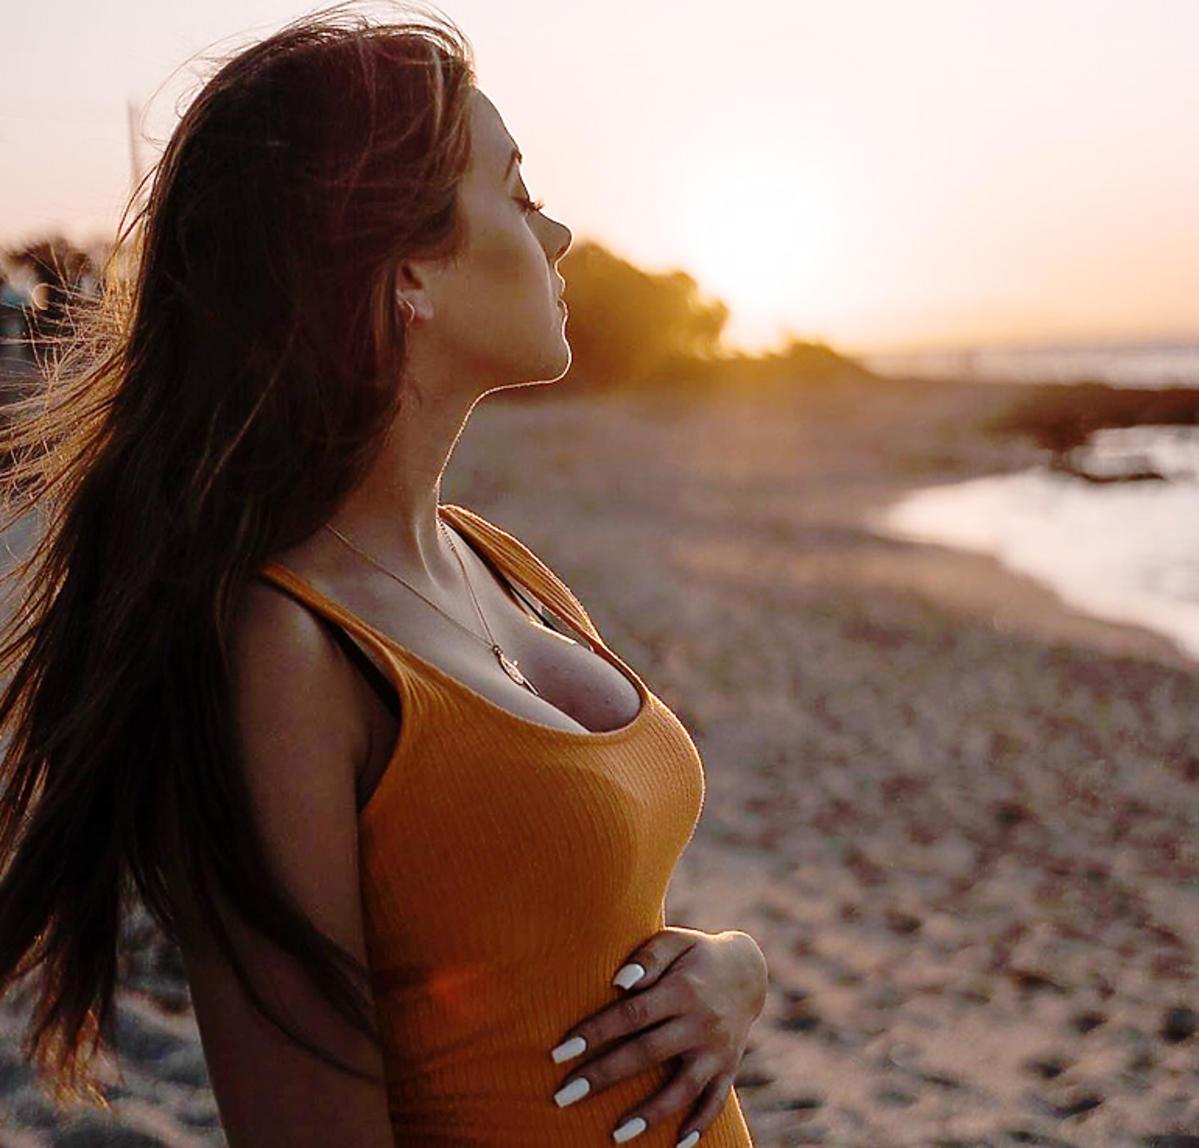 Jej brzuszek ciążowy jest coraz większy! Sylwia Przybysz pokazała zdjęcie w bardzo opiętej sukience